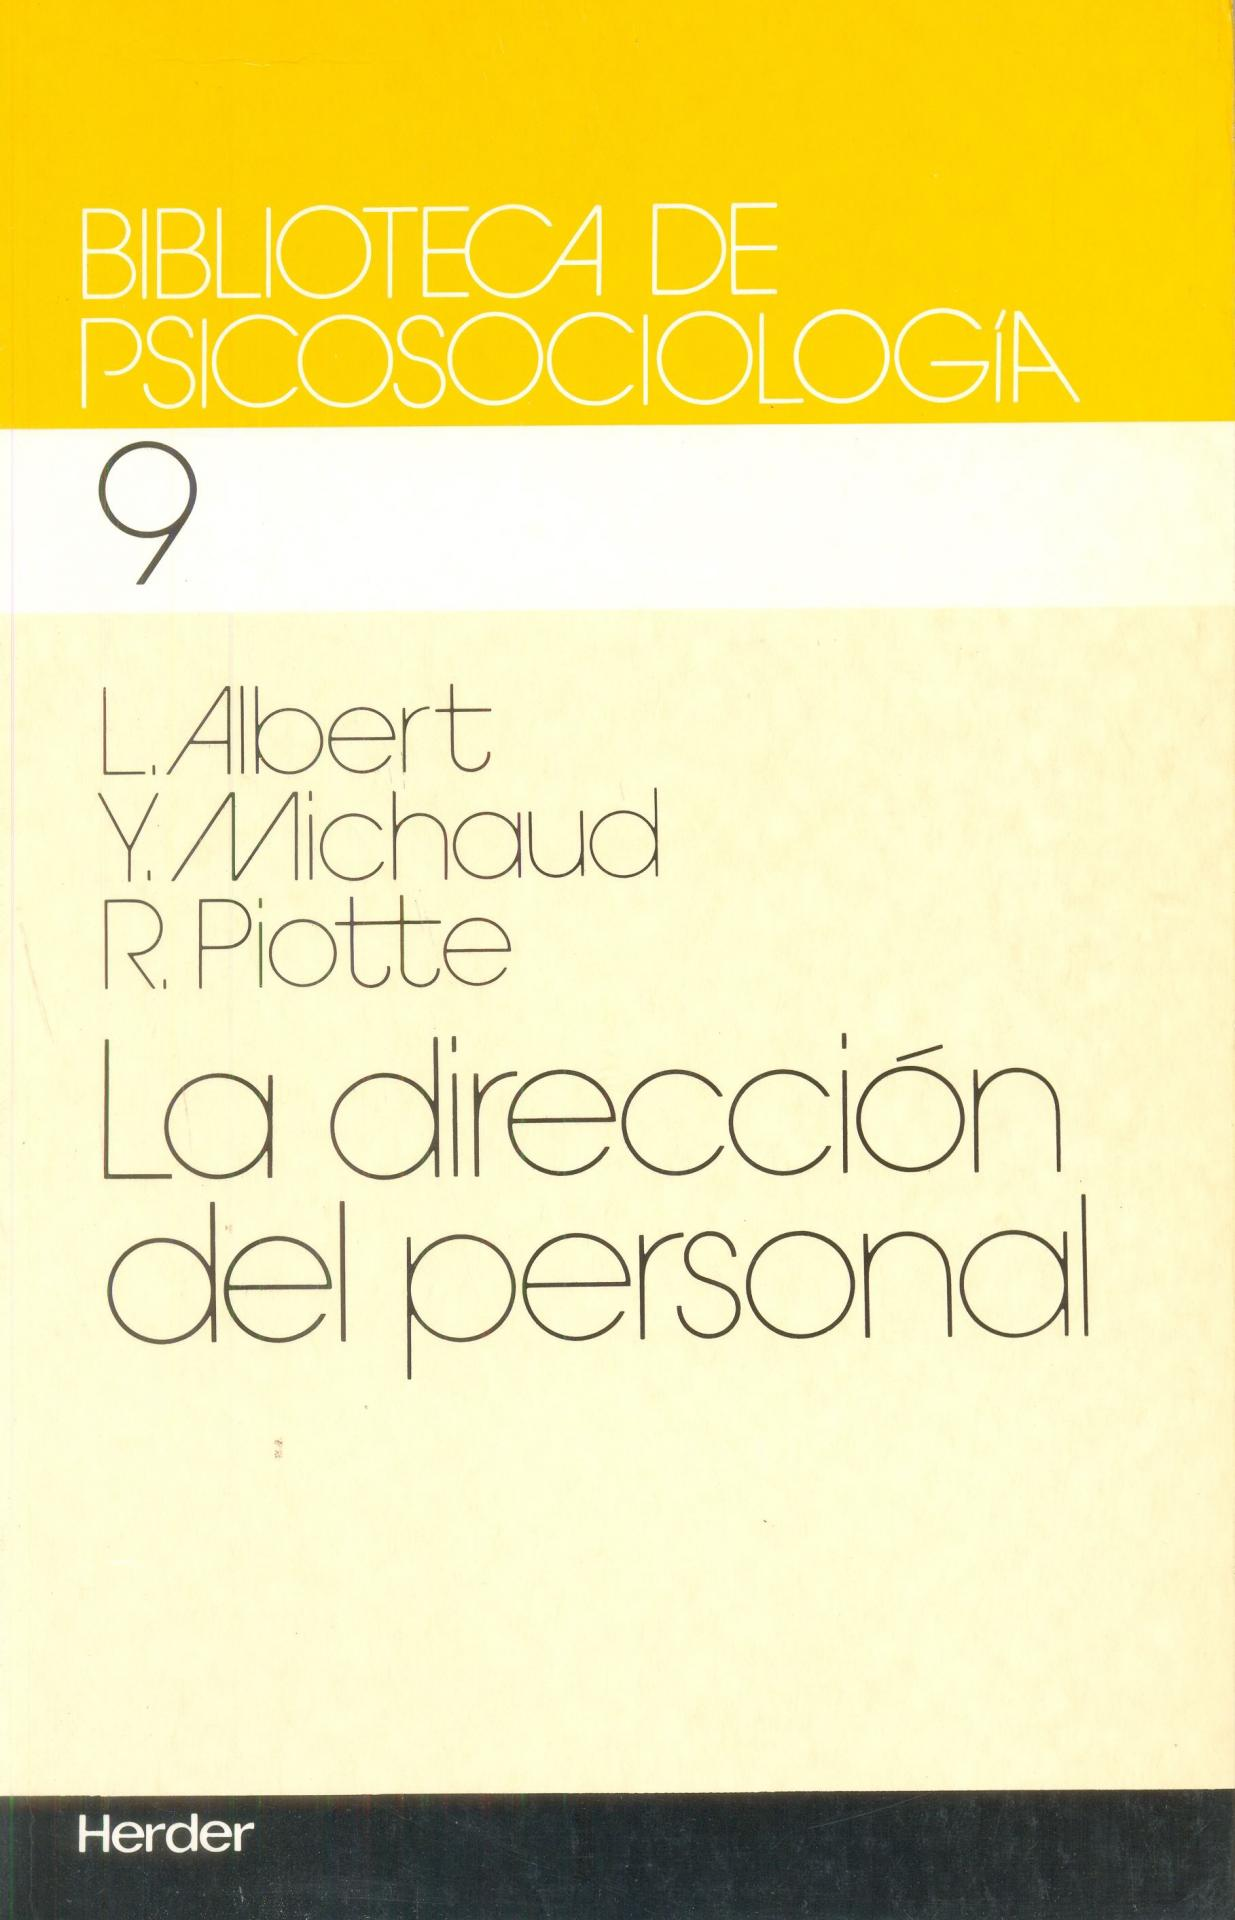 LA DIRECCIÓN DEL PERSONAL. Albert. L; Piotte, R.